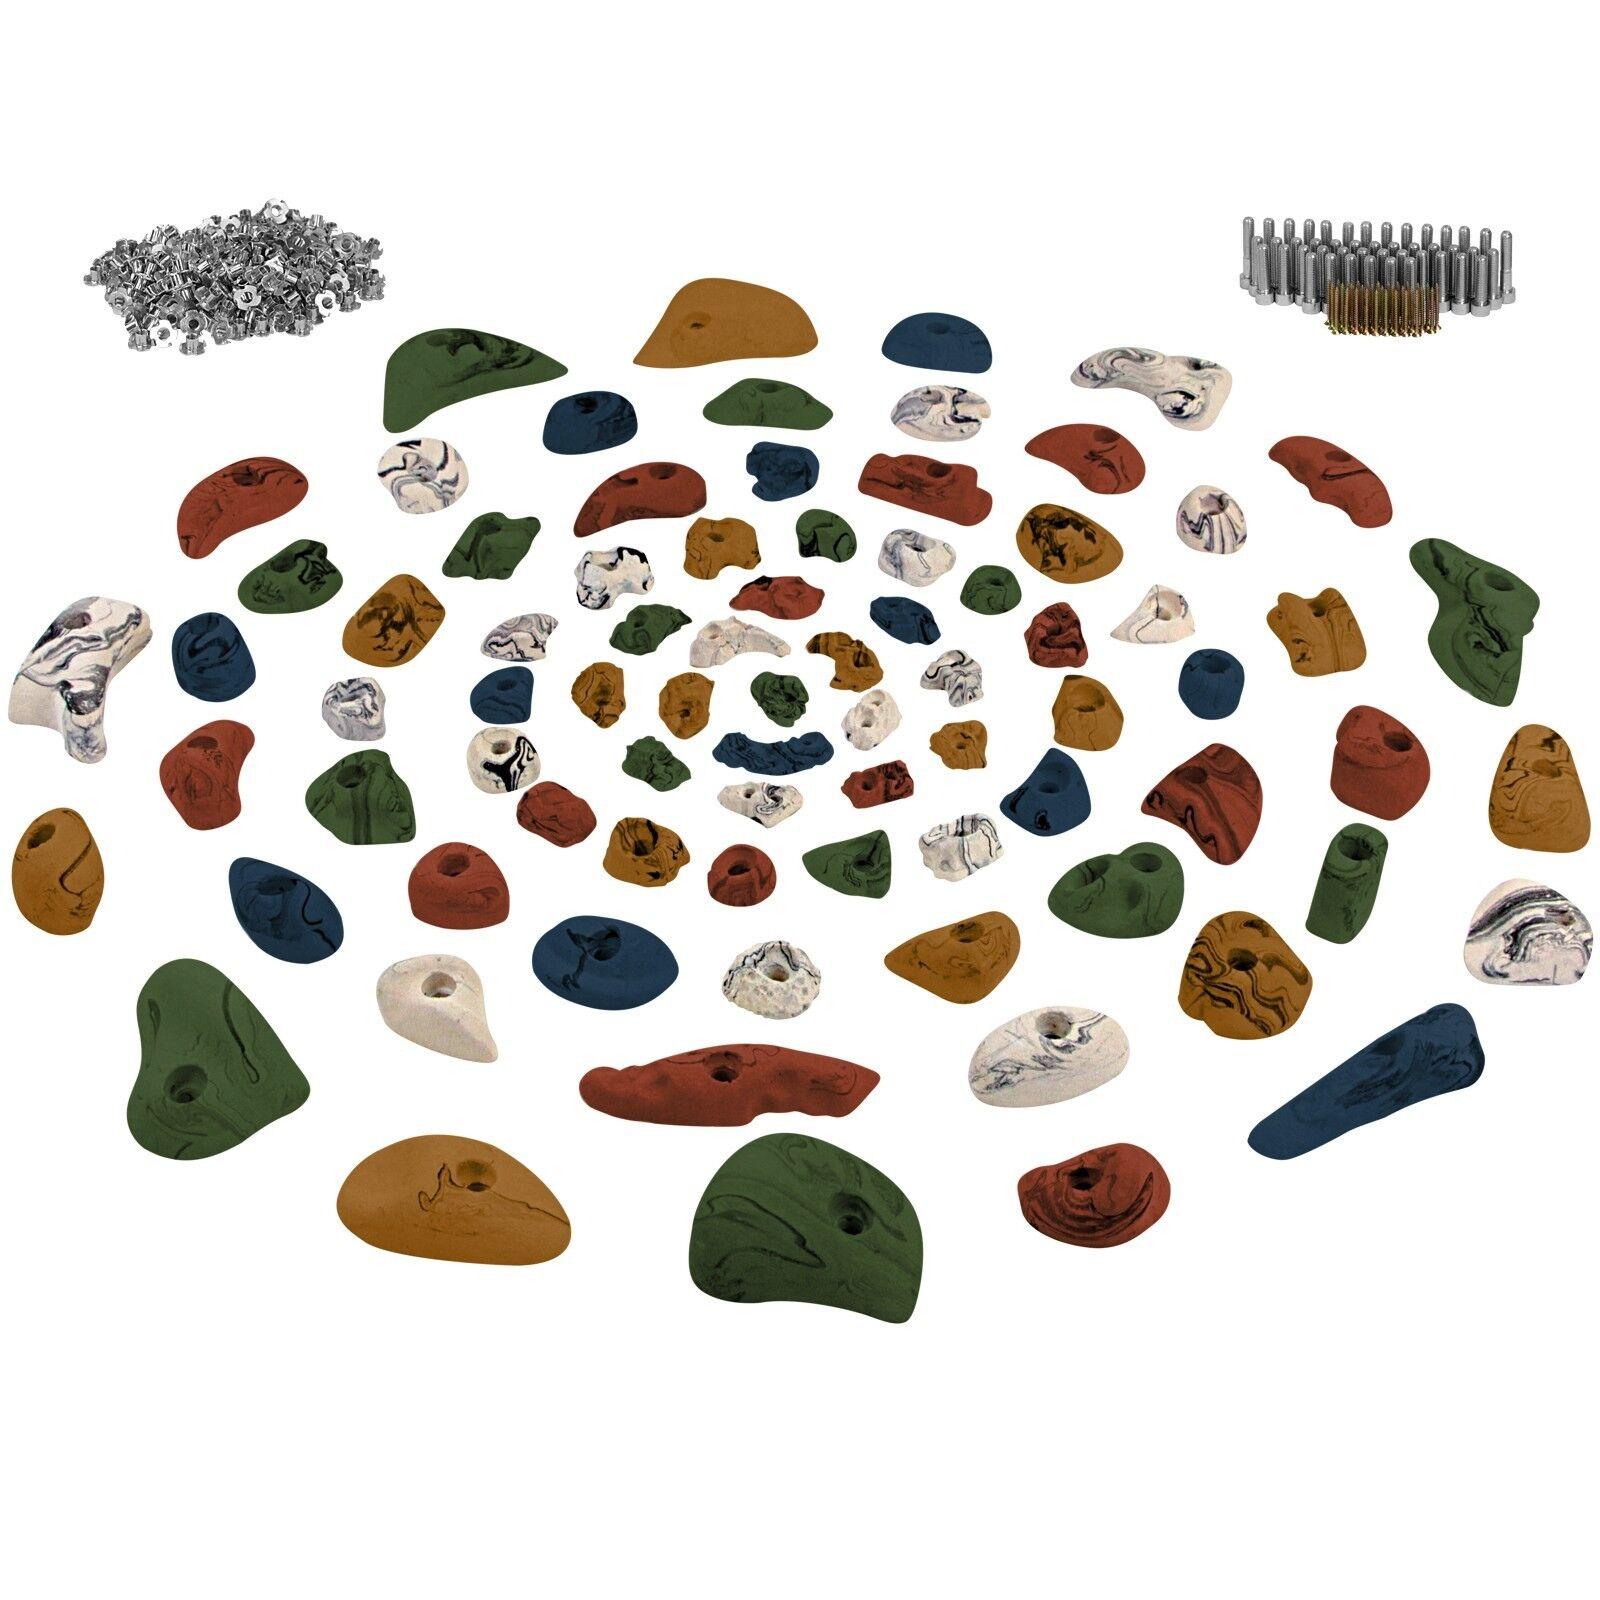 80 Klettergriffe Klettergriffe Klettergriffe Klettersteine inklusive Schrauben und 250 Einschlagmuttern 734e65